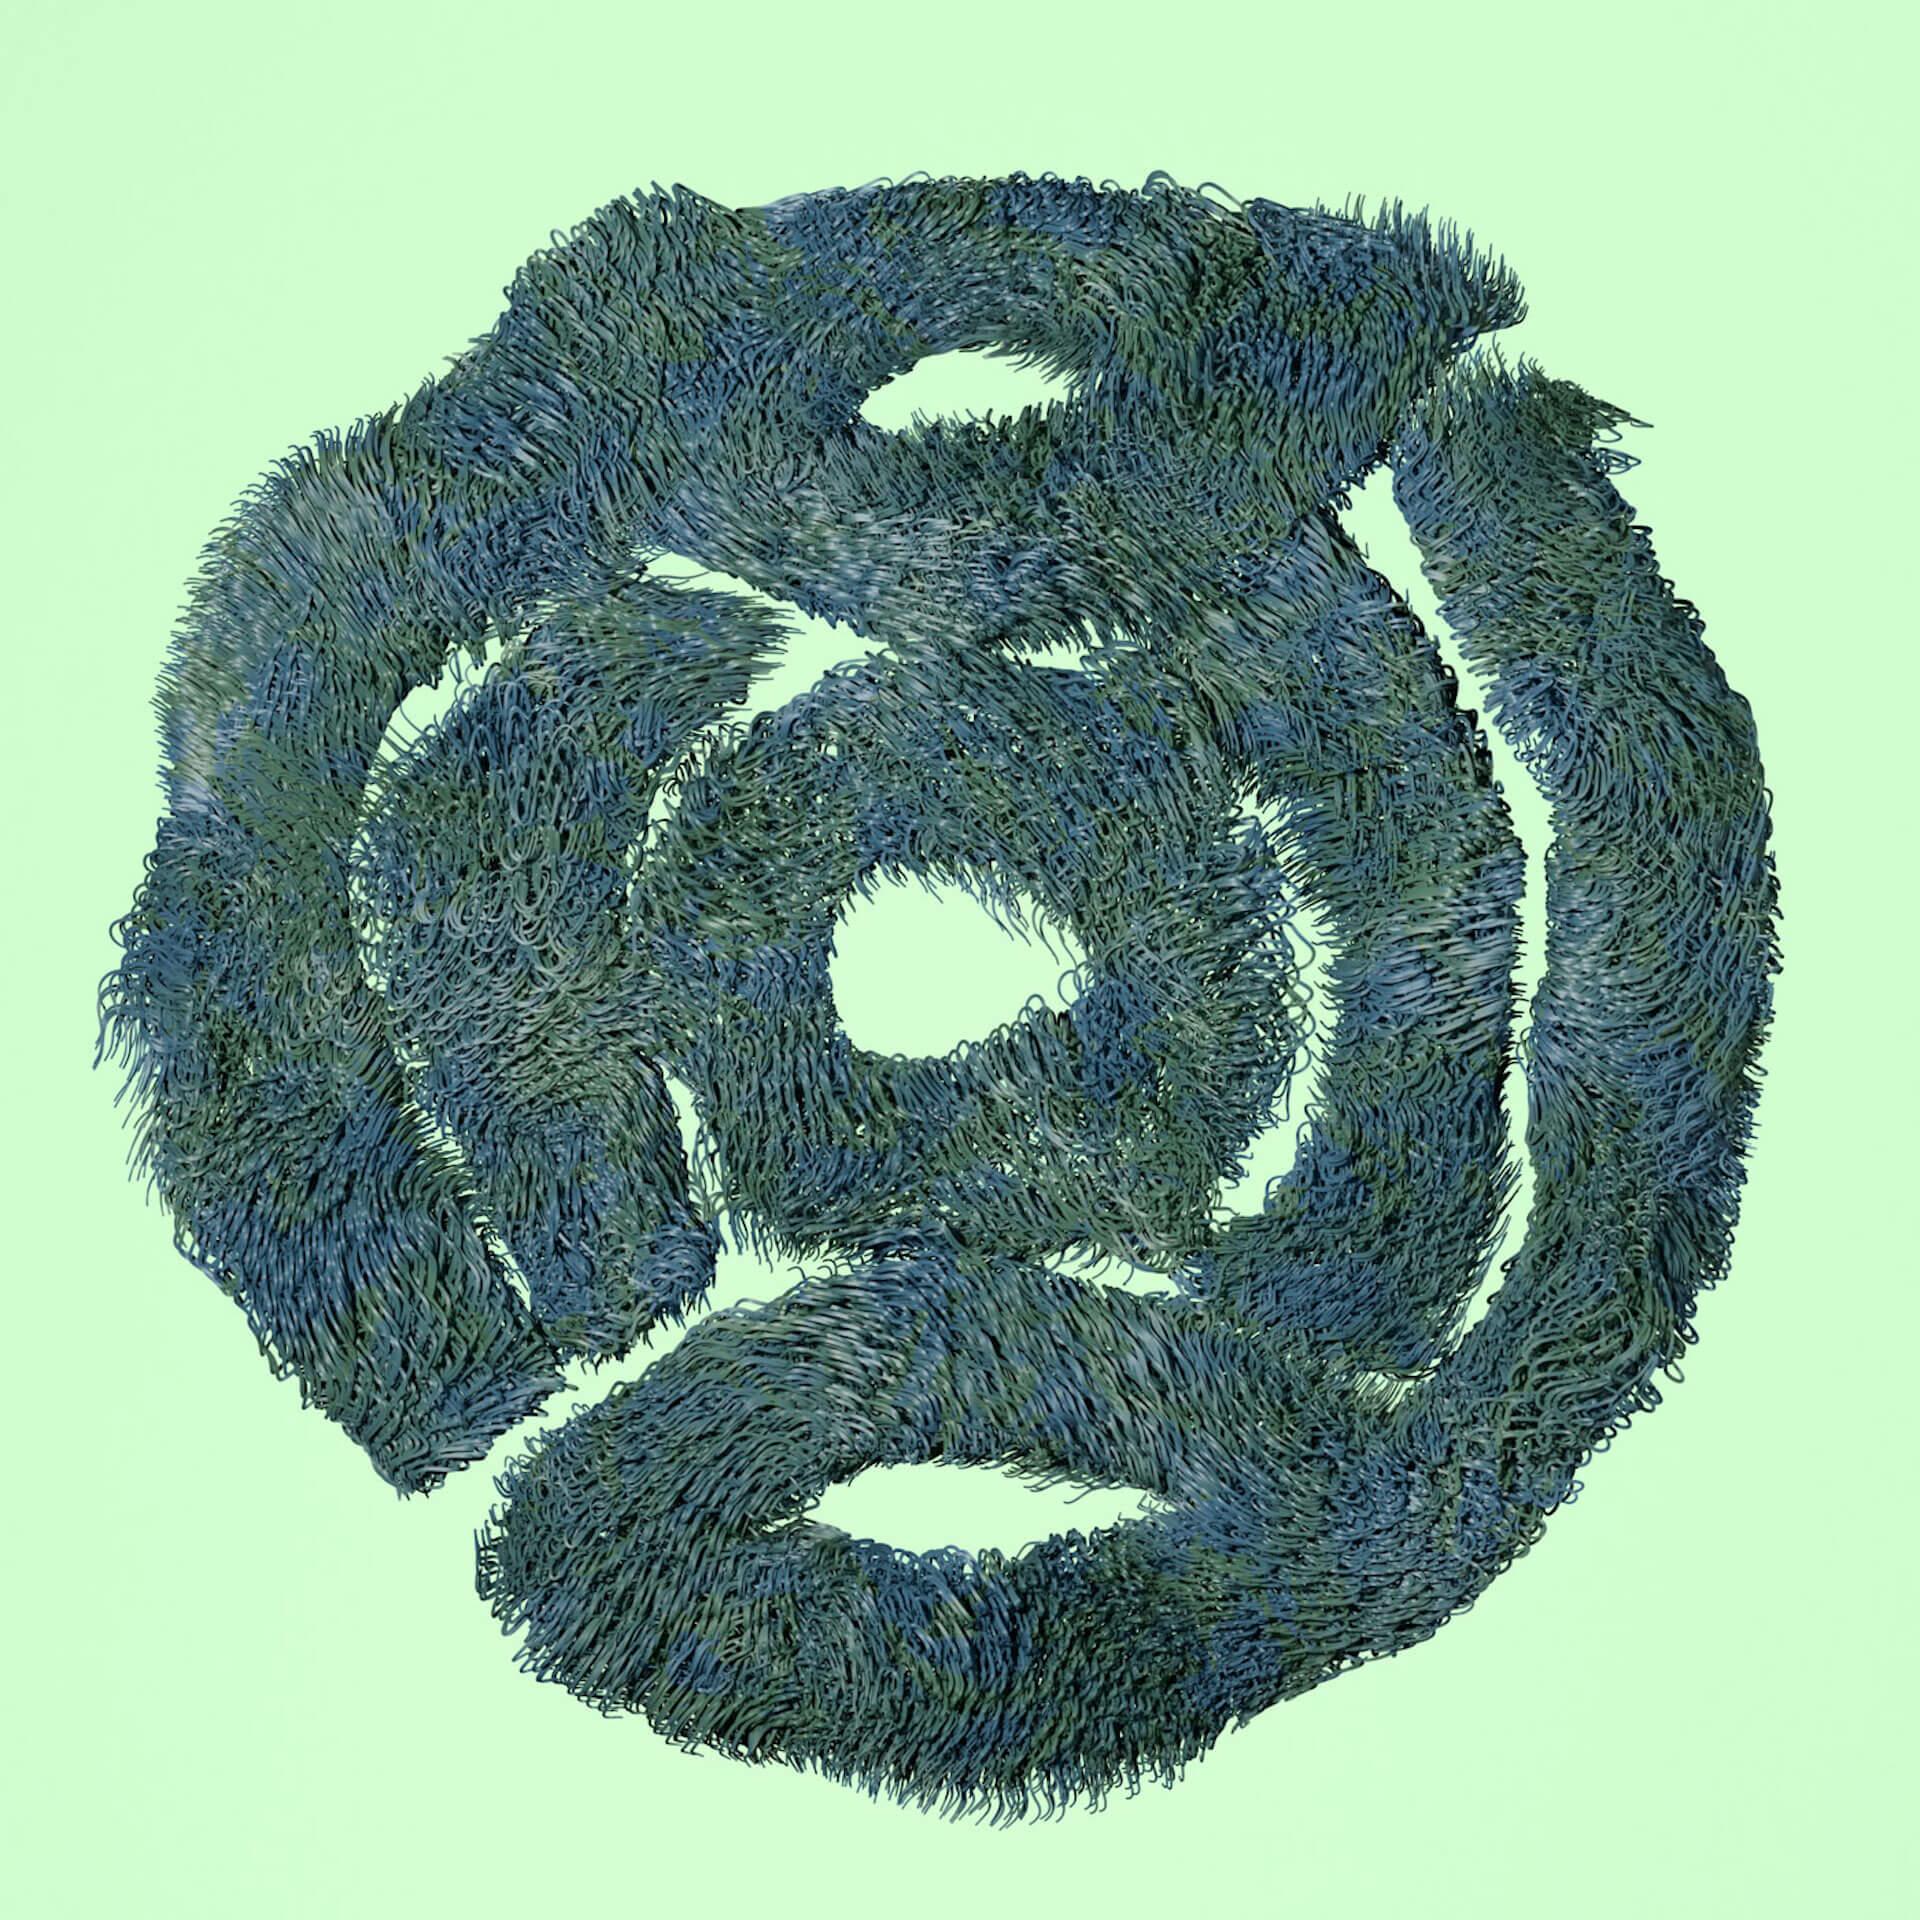 全人類待望!Plaidの最新作『Polymer』収録「Maru」をなんとSkee Maskがリミックス!必聴!! music190814-plaid-skeemask-2